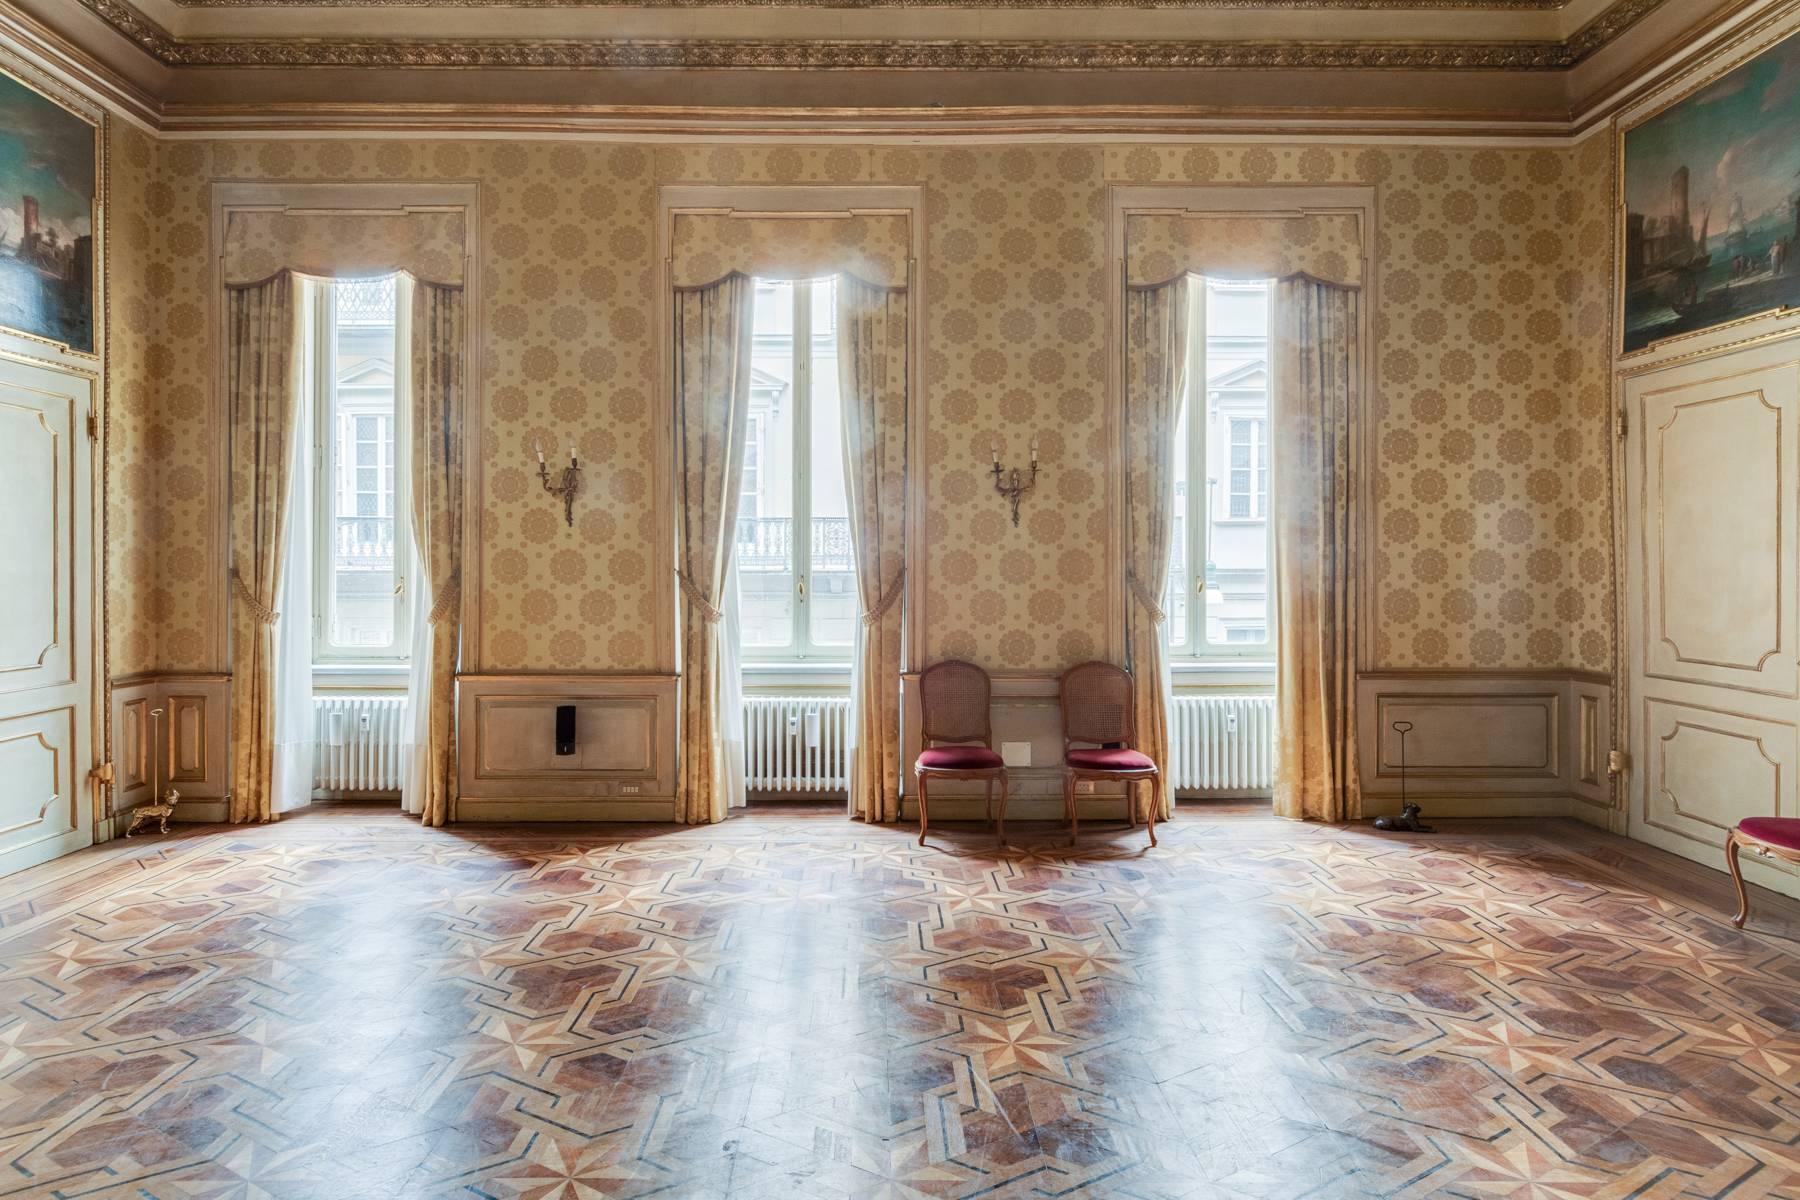 Appartement élégant dans un palais historique - 20